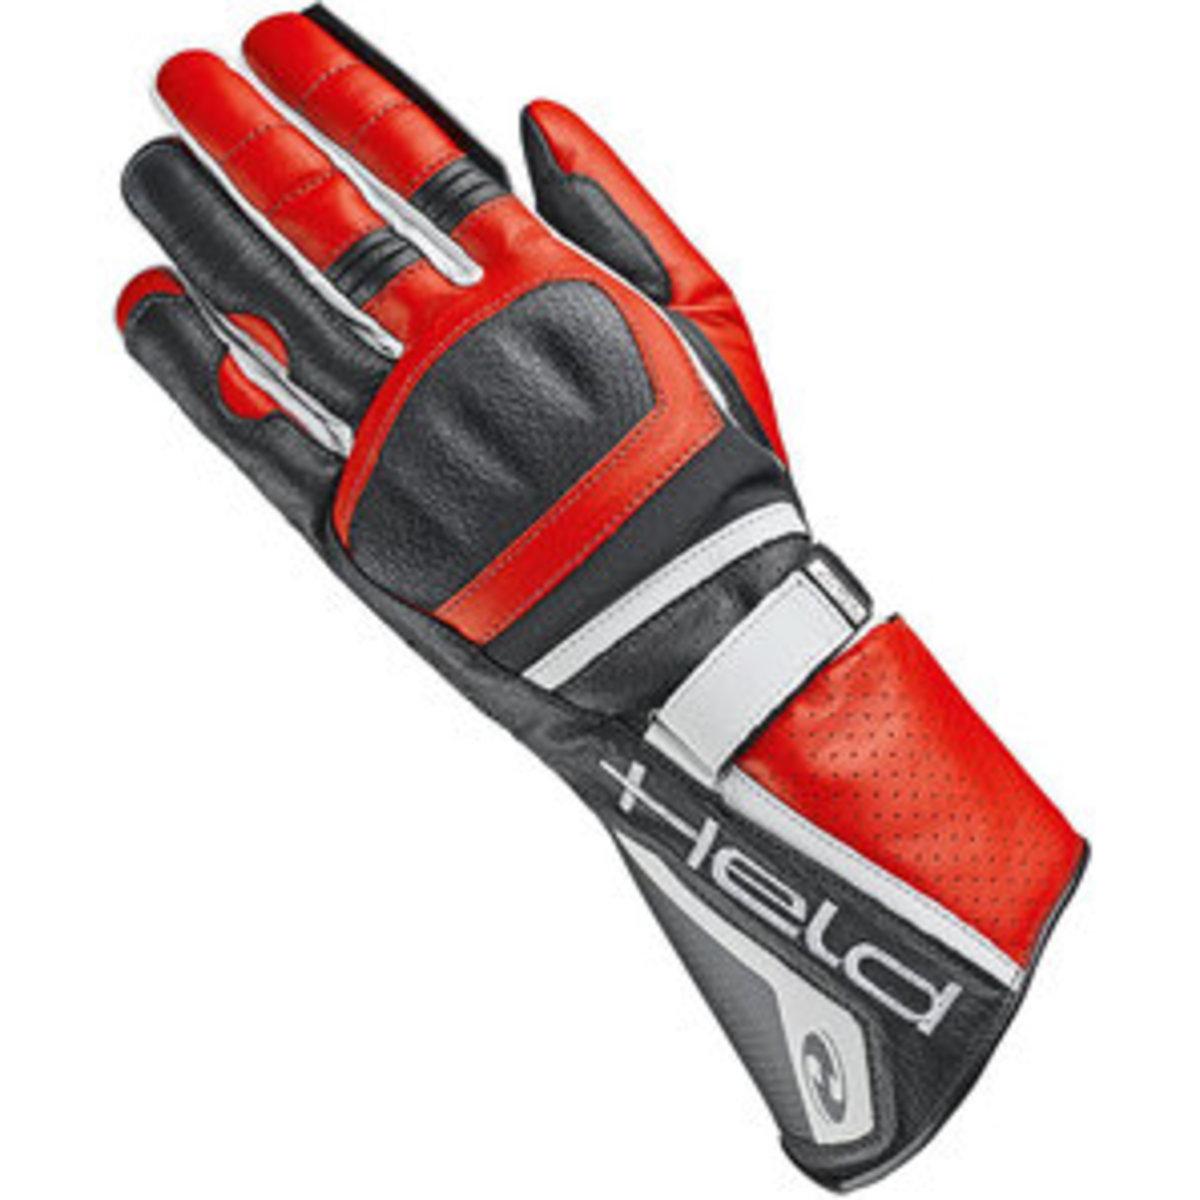 Bild 1 von Held Akira Evo        Handschuhe, 2712